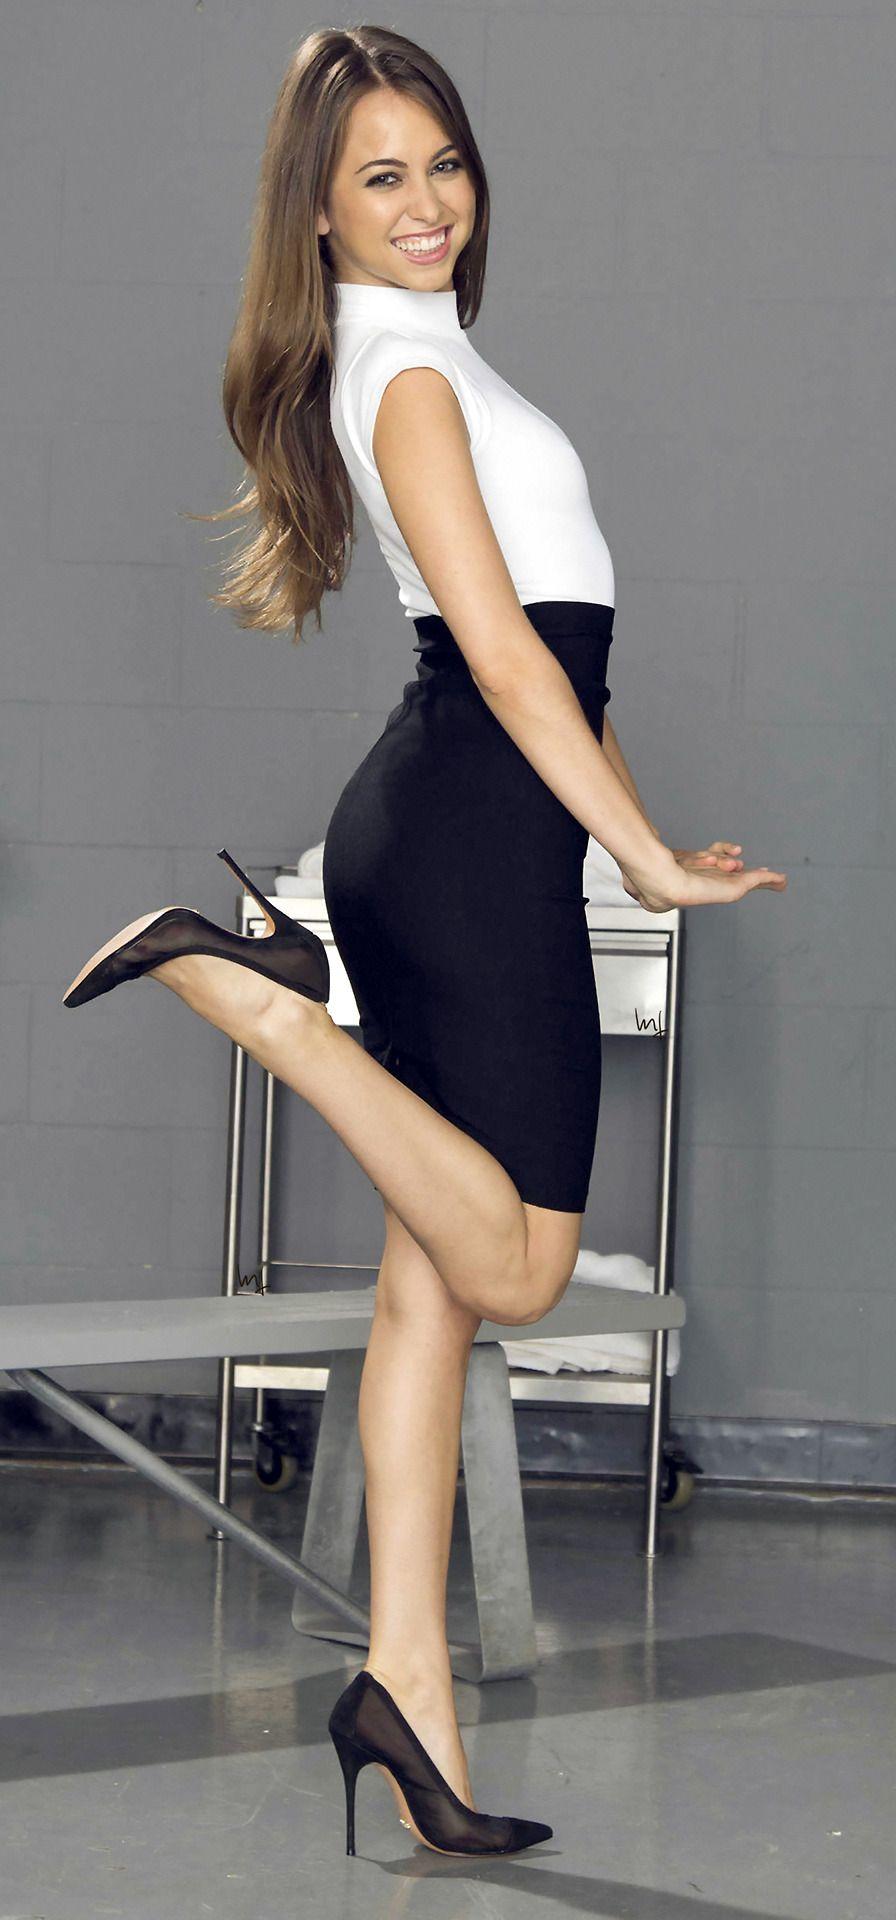 Riley reid high heels